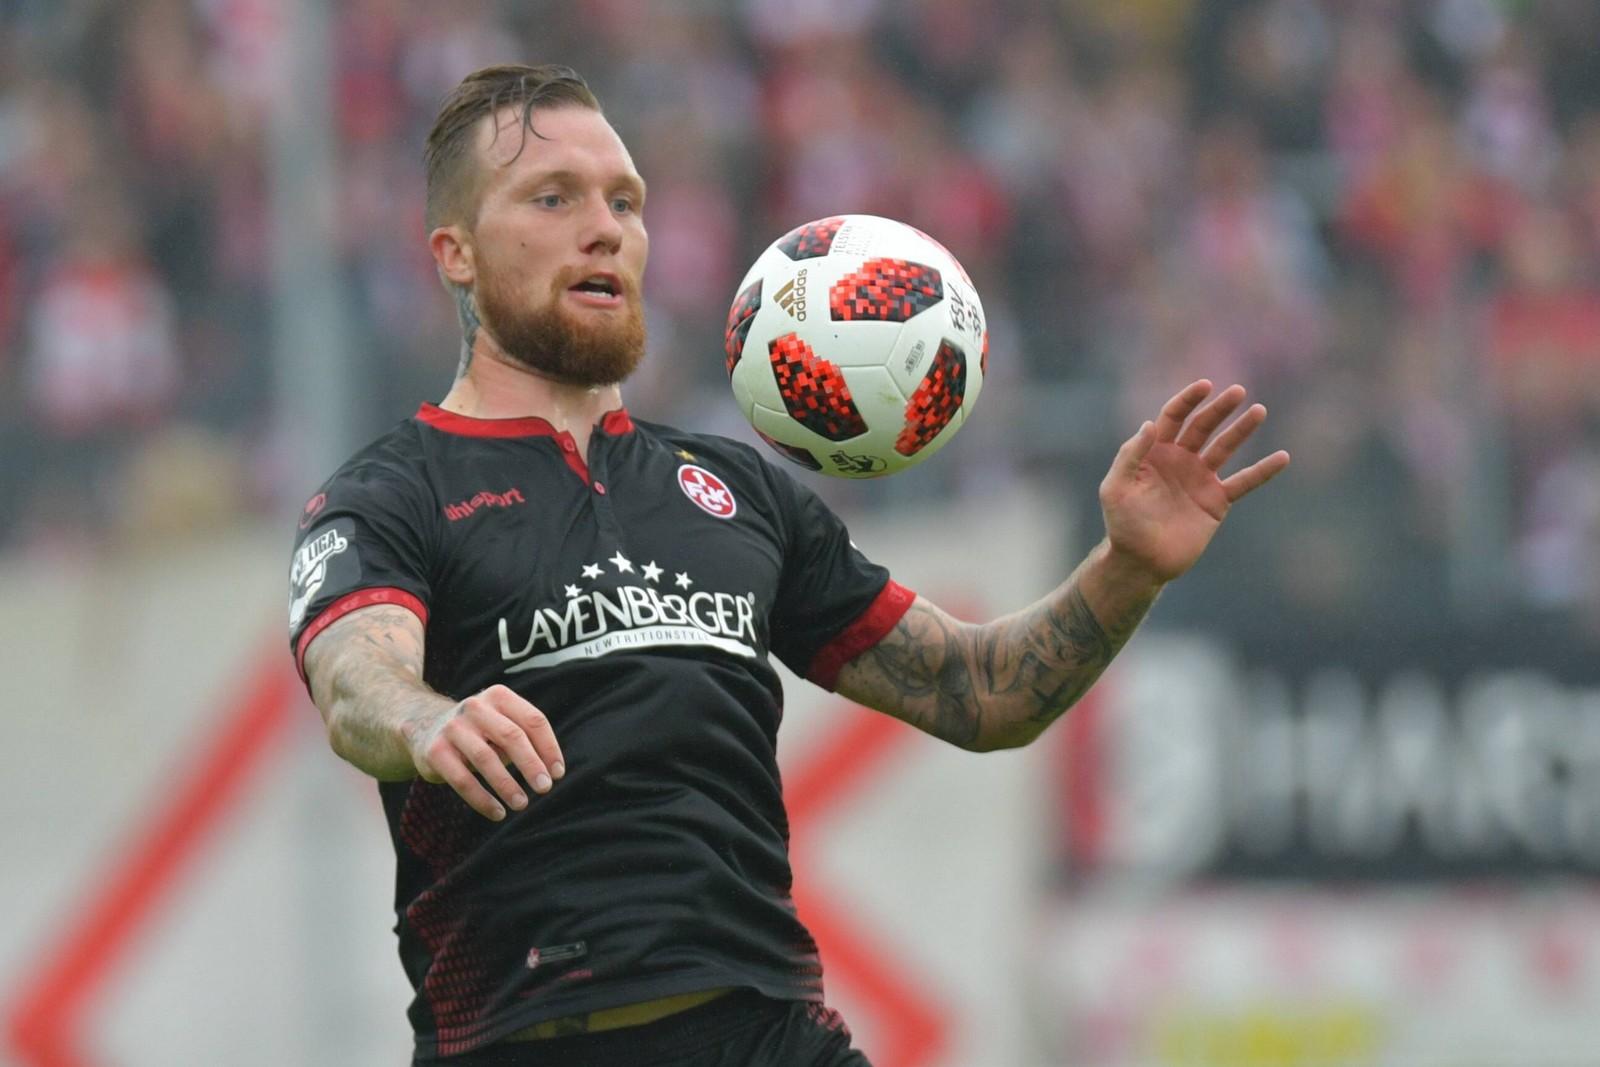 Jan Löhmannsröben vom 1. FC Kaiserslautern